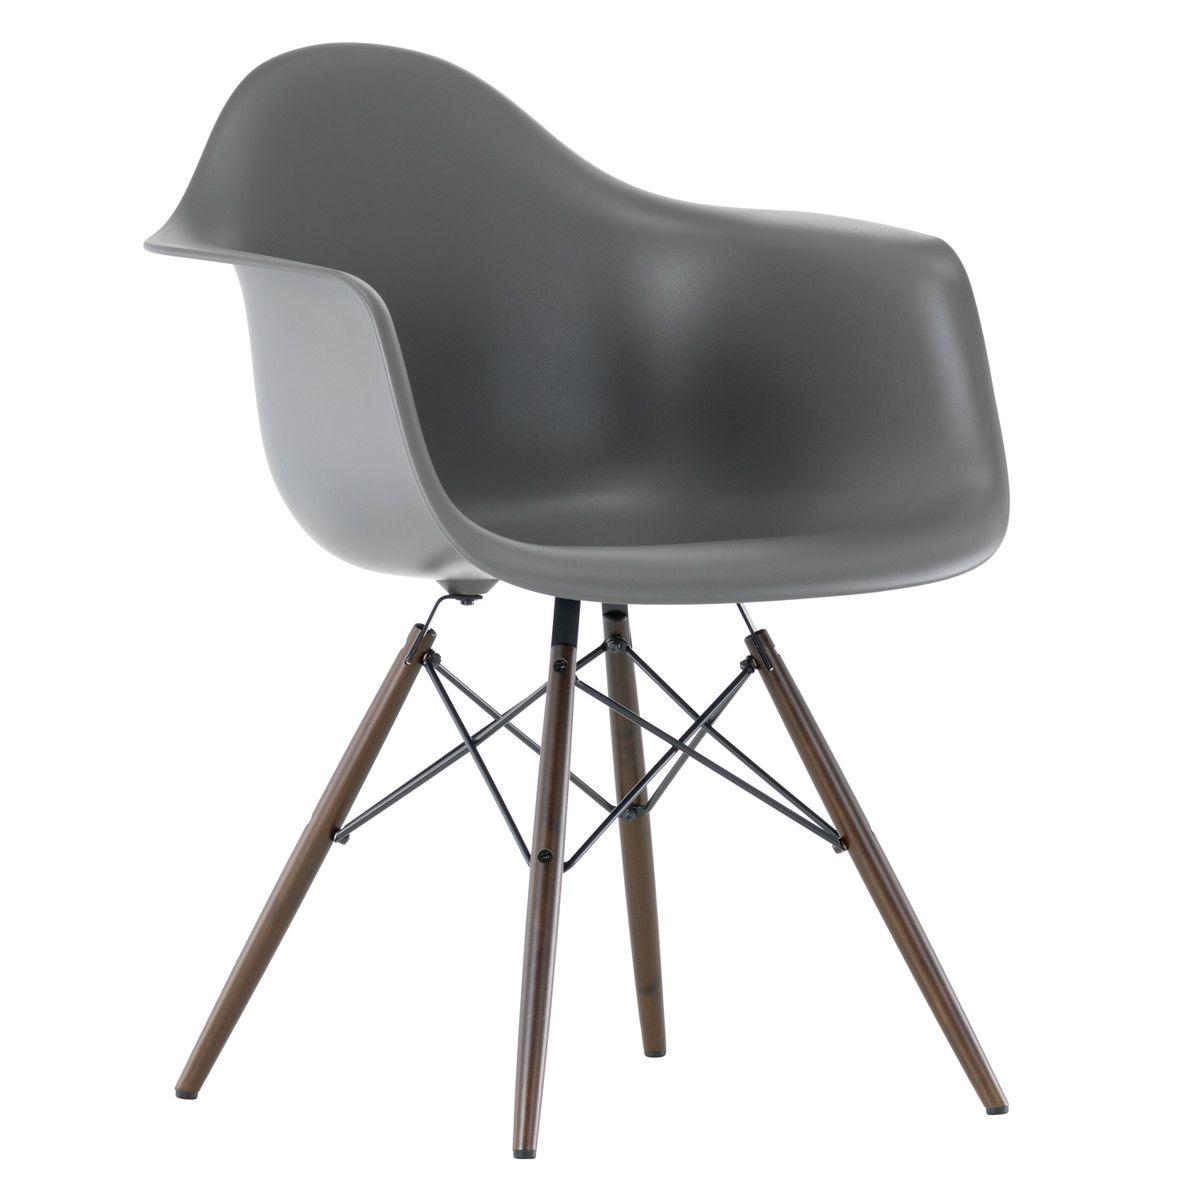 den eames plastic armchair daw von vitra der legendre stuhl klassiker von charles ray eames im design shop kaufen skonto bestpreisgarantie - Fantastisch Tolles Dekoration Charles Eames Schaukelstuhl